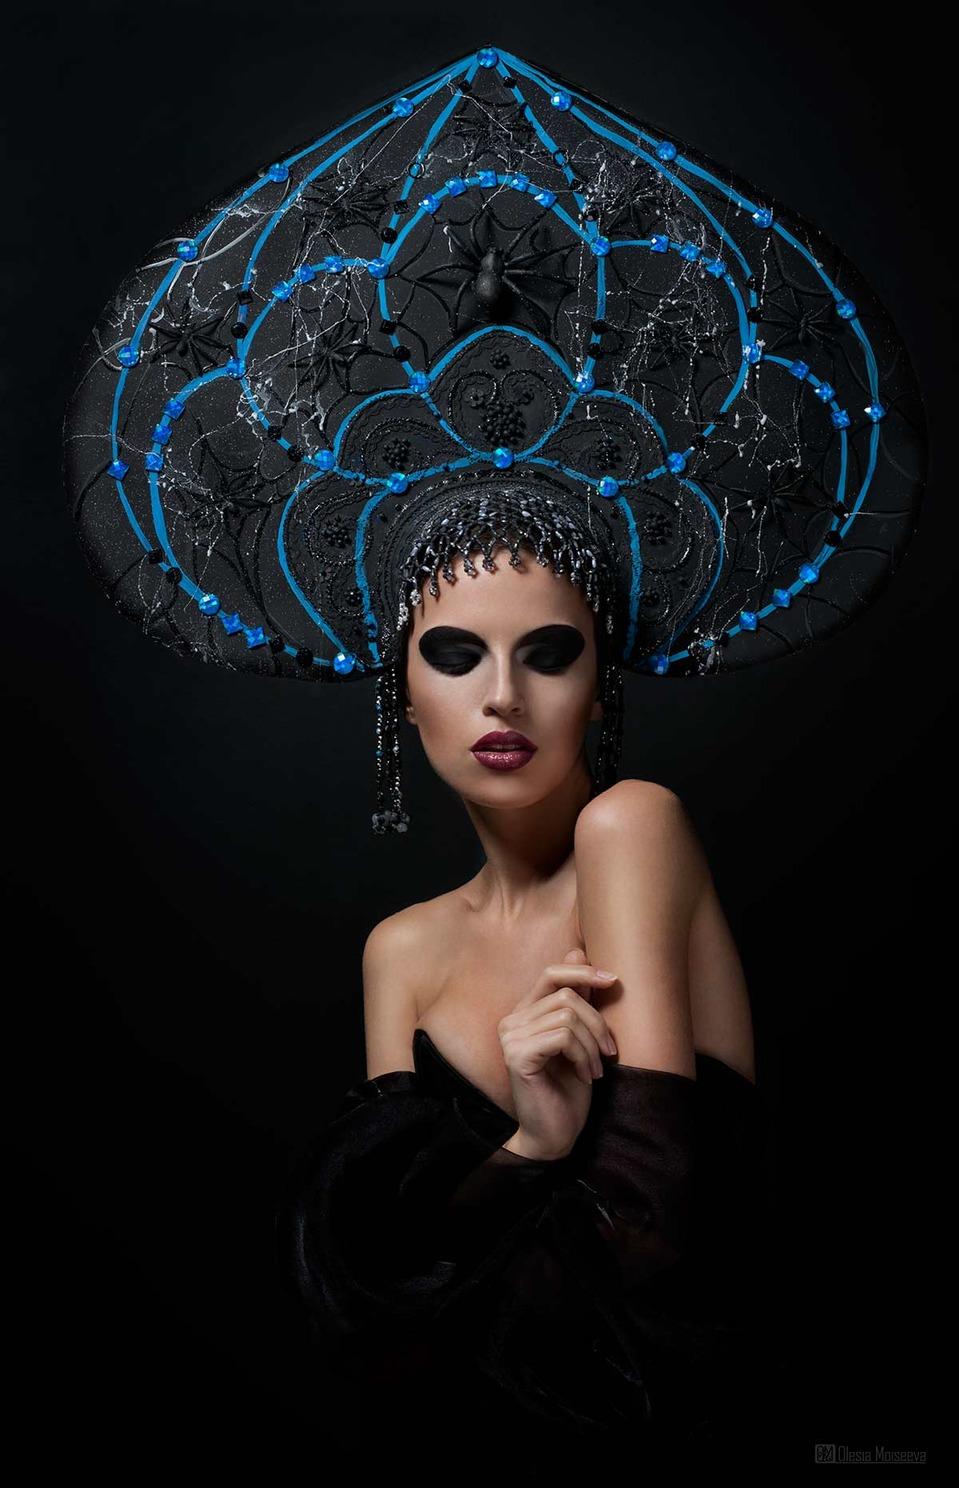 woman-black widow in a kokoshnik | model , woman, black, make-up , kokoshnik, black widow, spider, pattern, beads, shoulders